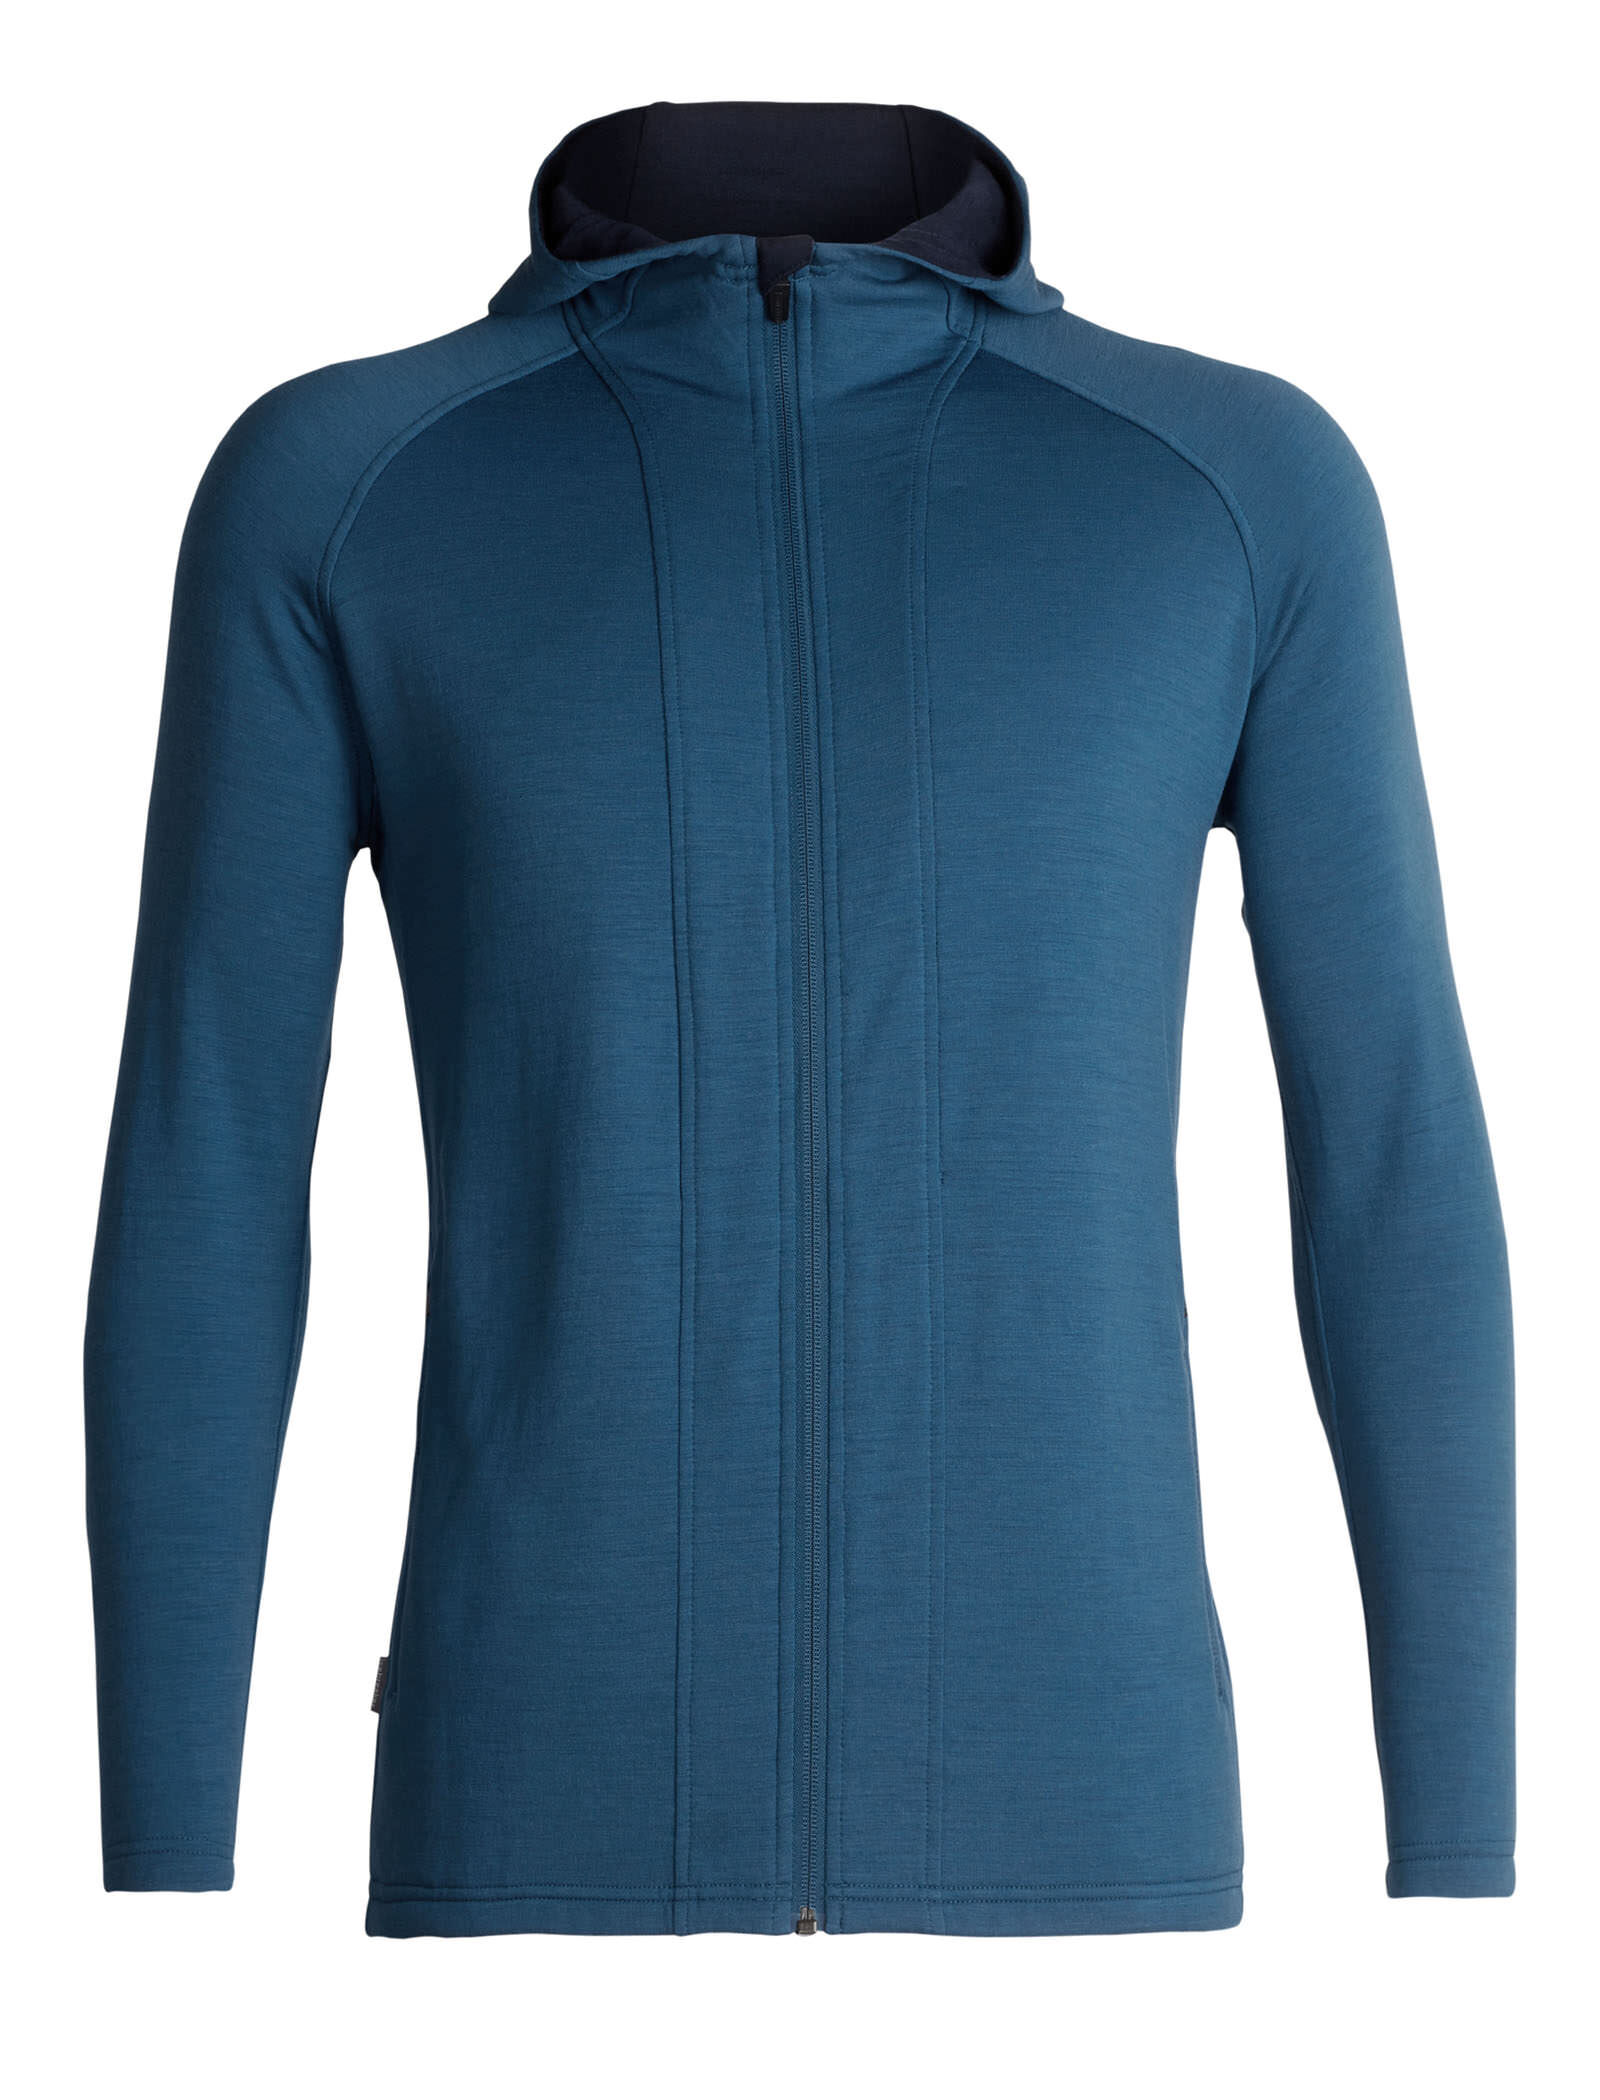 Wander Herren Hooded Wander Jacket Herren Realfleece® Hooded Jacket Realfleece® Realfleece® Rq4Aj3LcS5